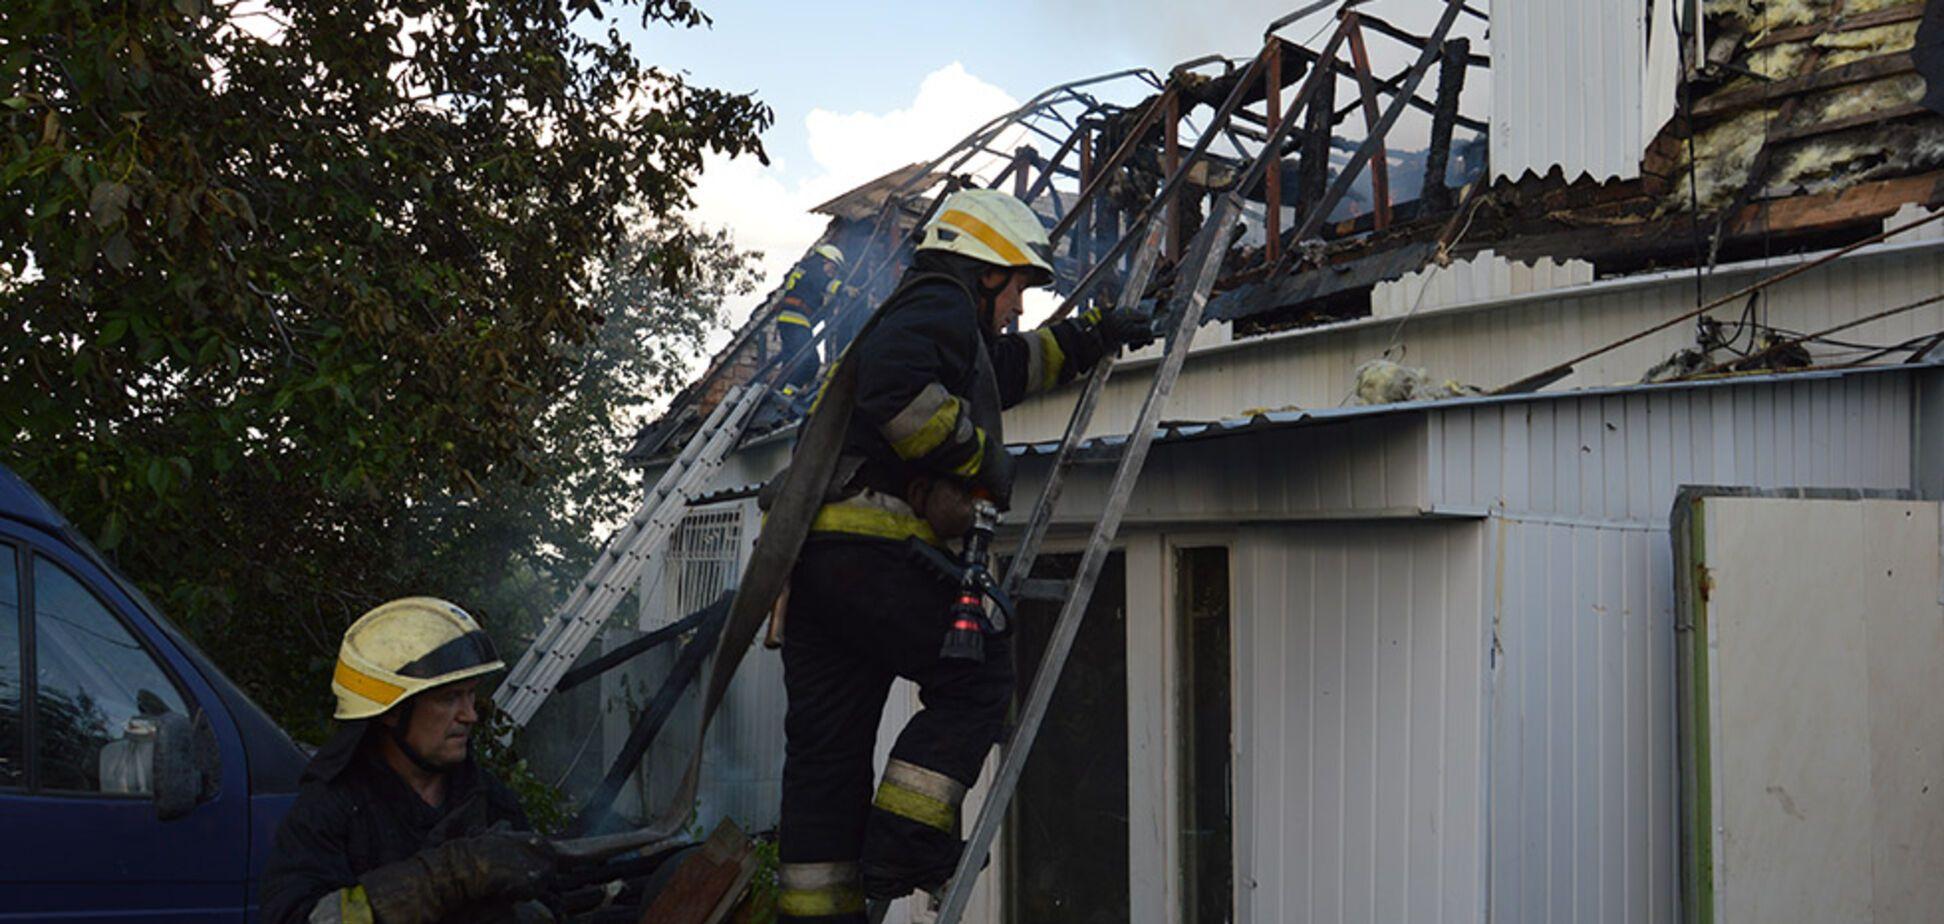 В Днепре пожар едва не уничтожил двухэтажный жилой дом. Фото и видео